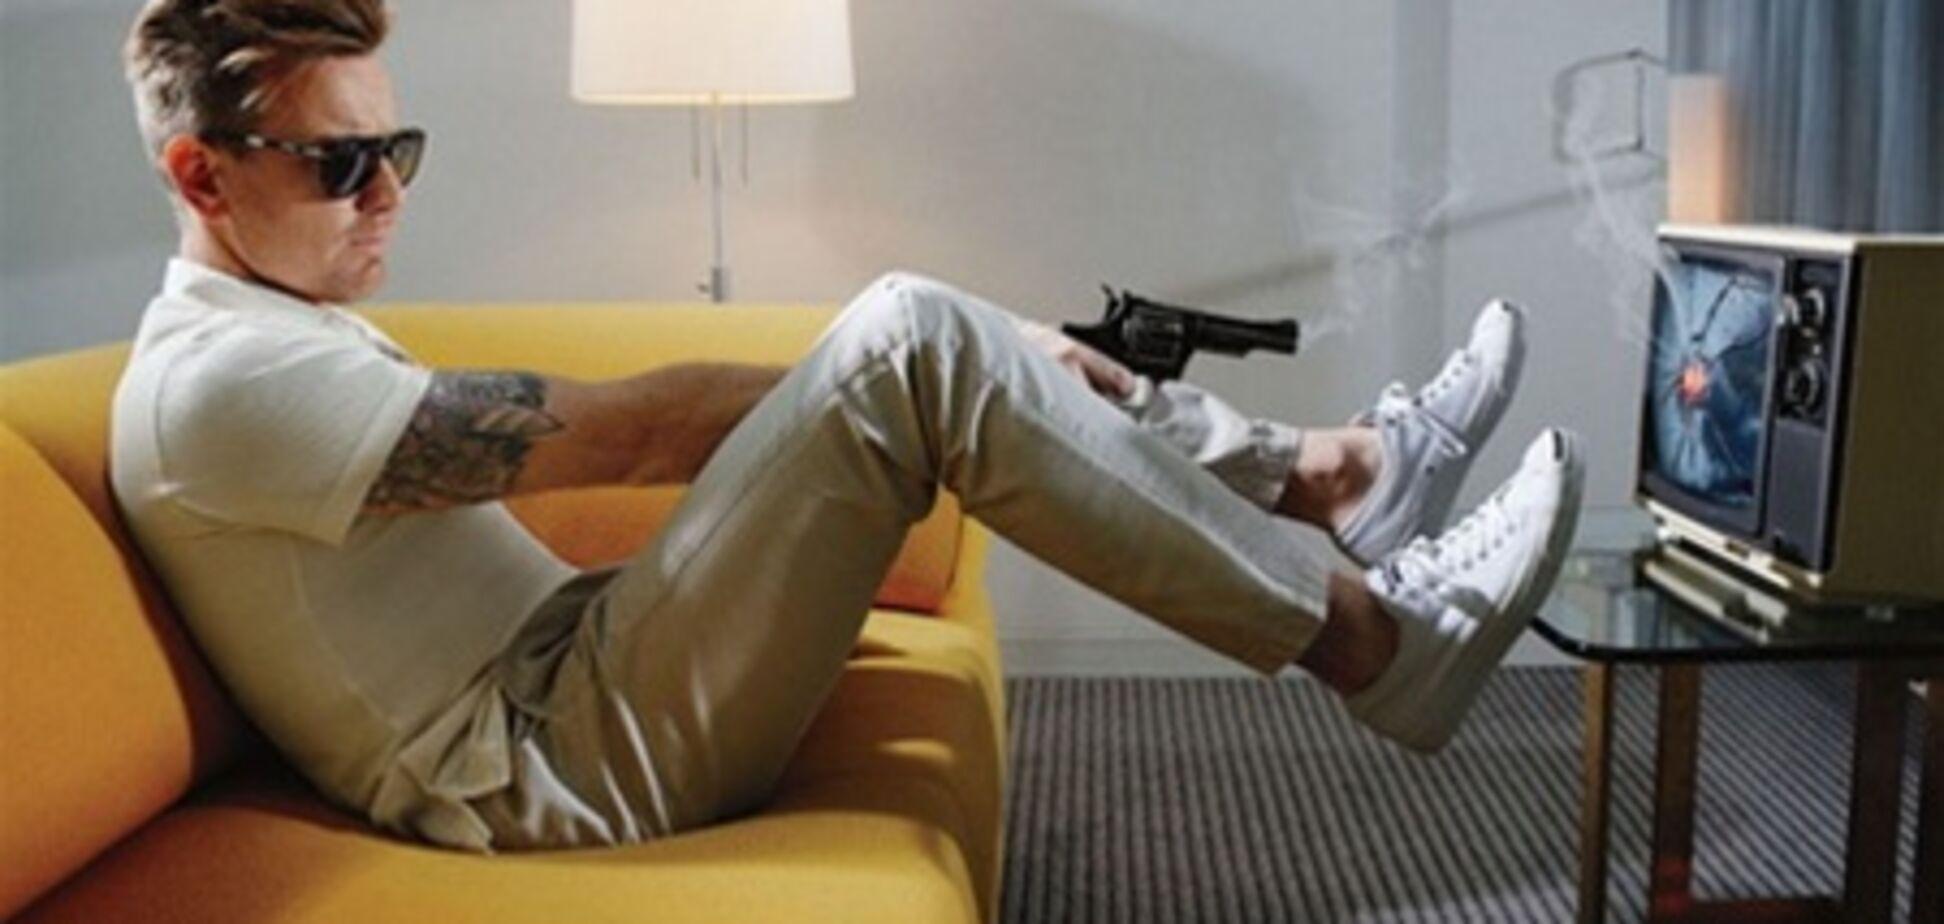 Красавчик МакГрегор с хаером и пистолетом